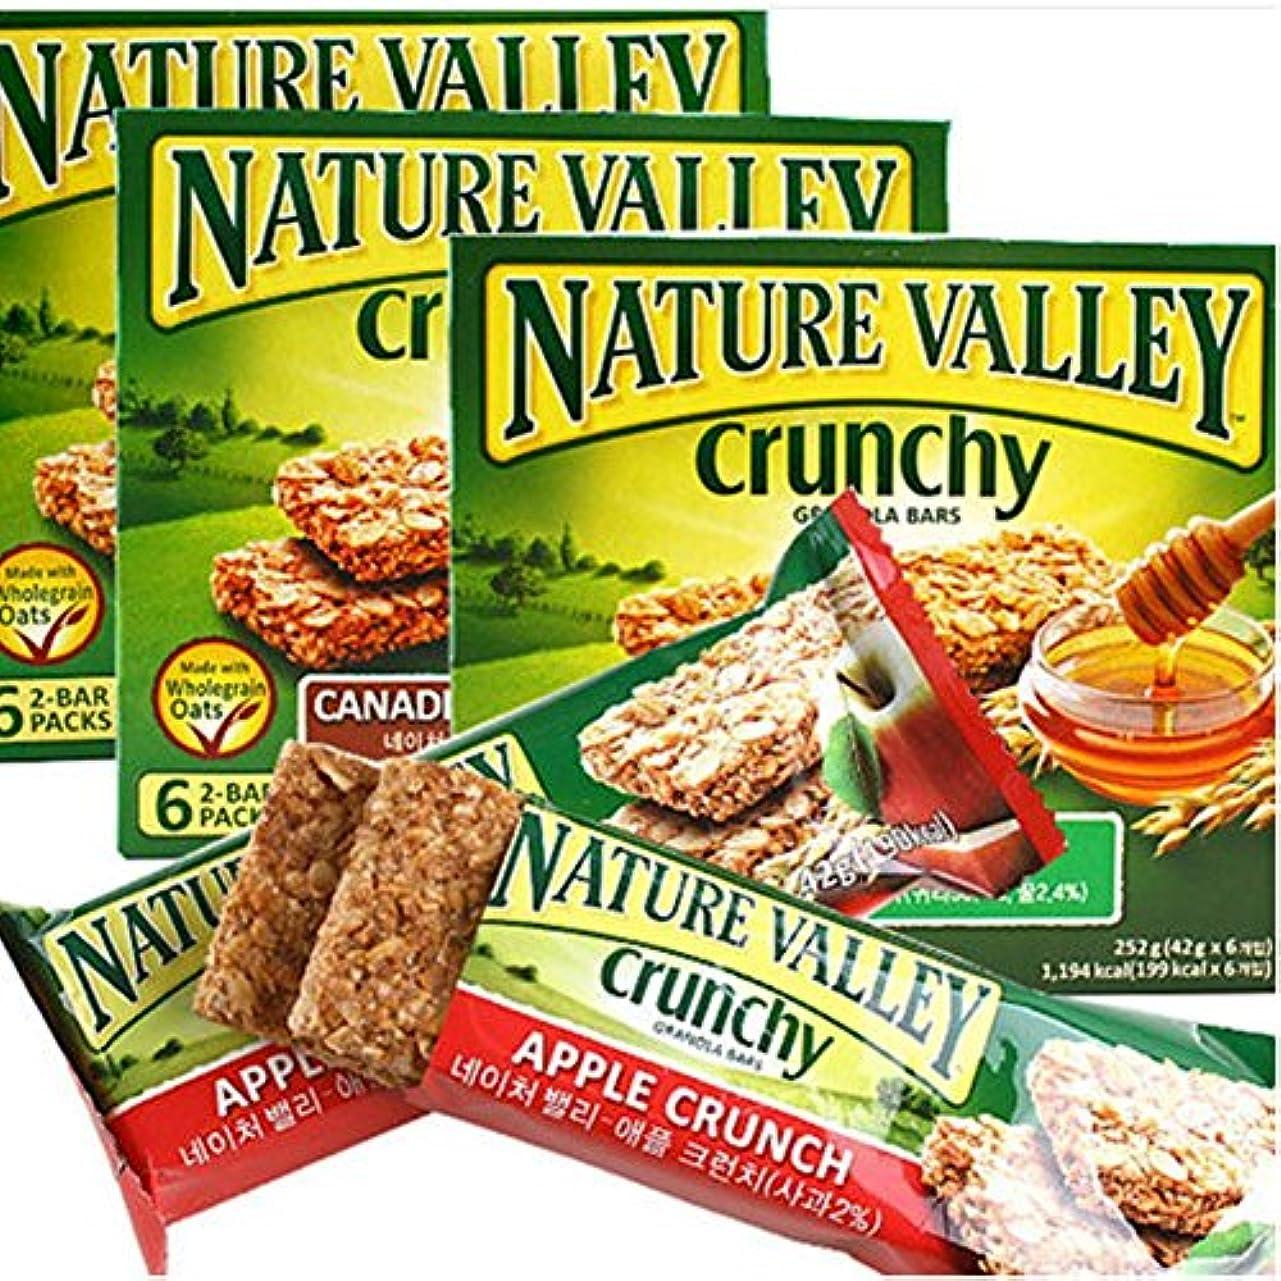 衣服会話アラブサラボ[ネイチャーバレー/Nature Valley] APPLE CRUNCH SYRUP/ネイチャーバレークランチグラノーラバー42g5パックx3 Box - アップルクランチシロップ(合計15袋)穀物バー/シリアル/栄養...